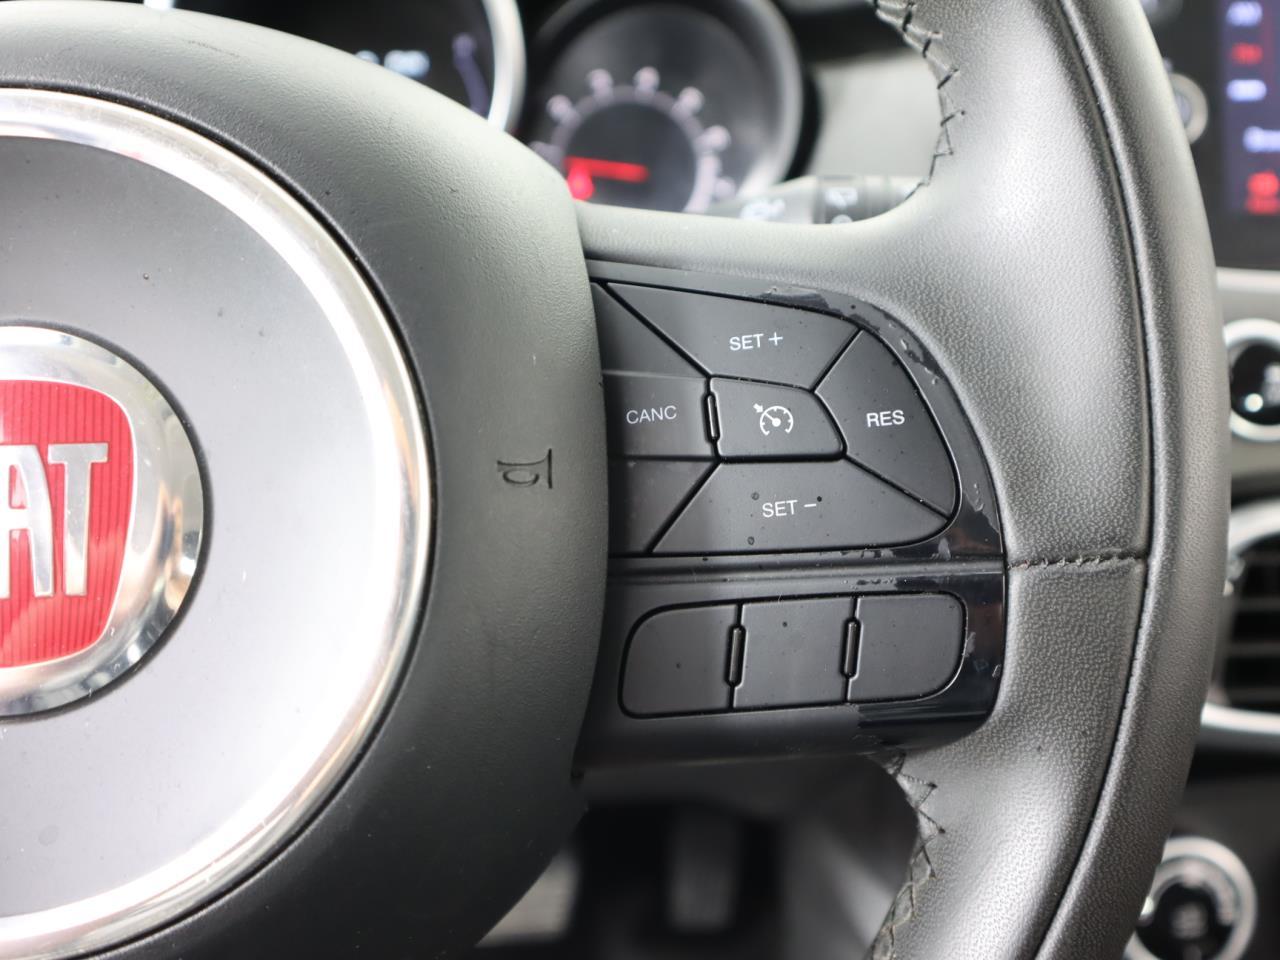 used vehicle - SUV FIAT 500X 2018